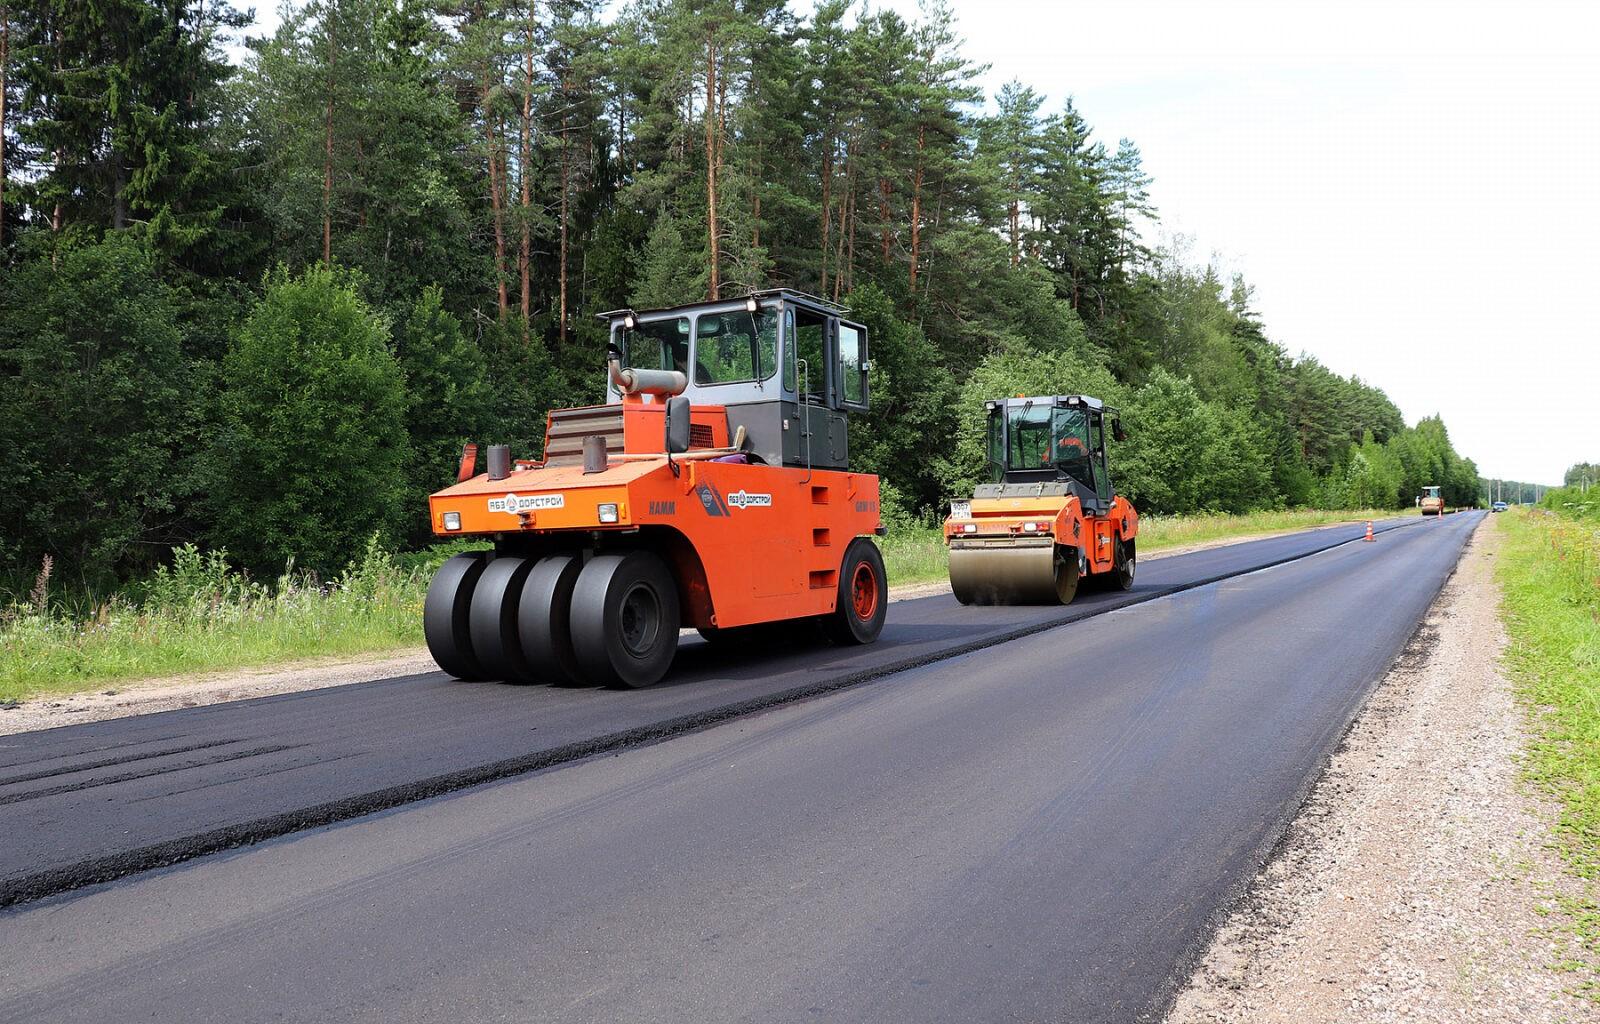 Завершены ремонтные работы на отрезке дороги Толмачи-Ломовое в Тверской области